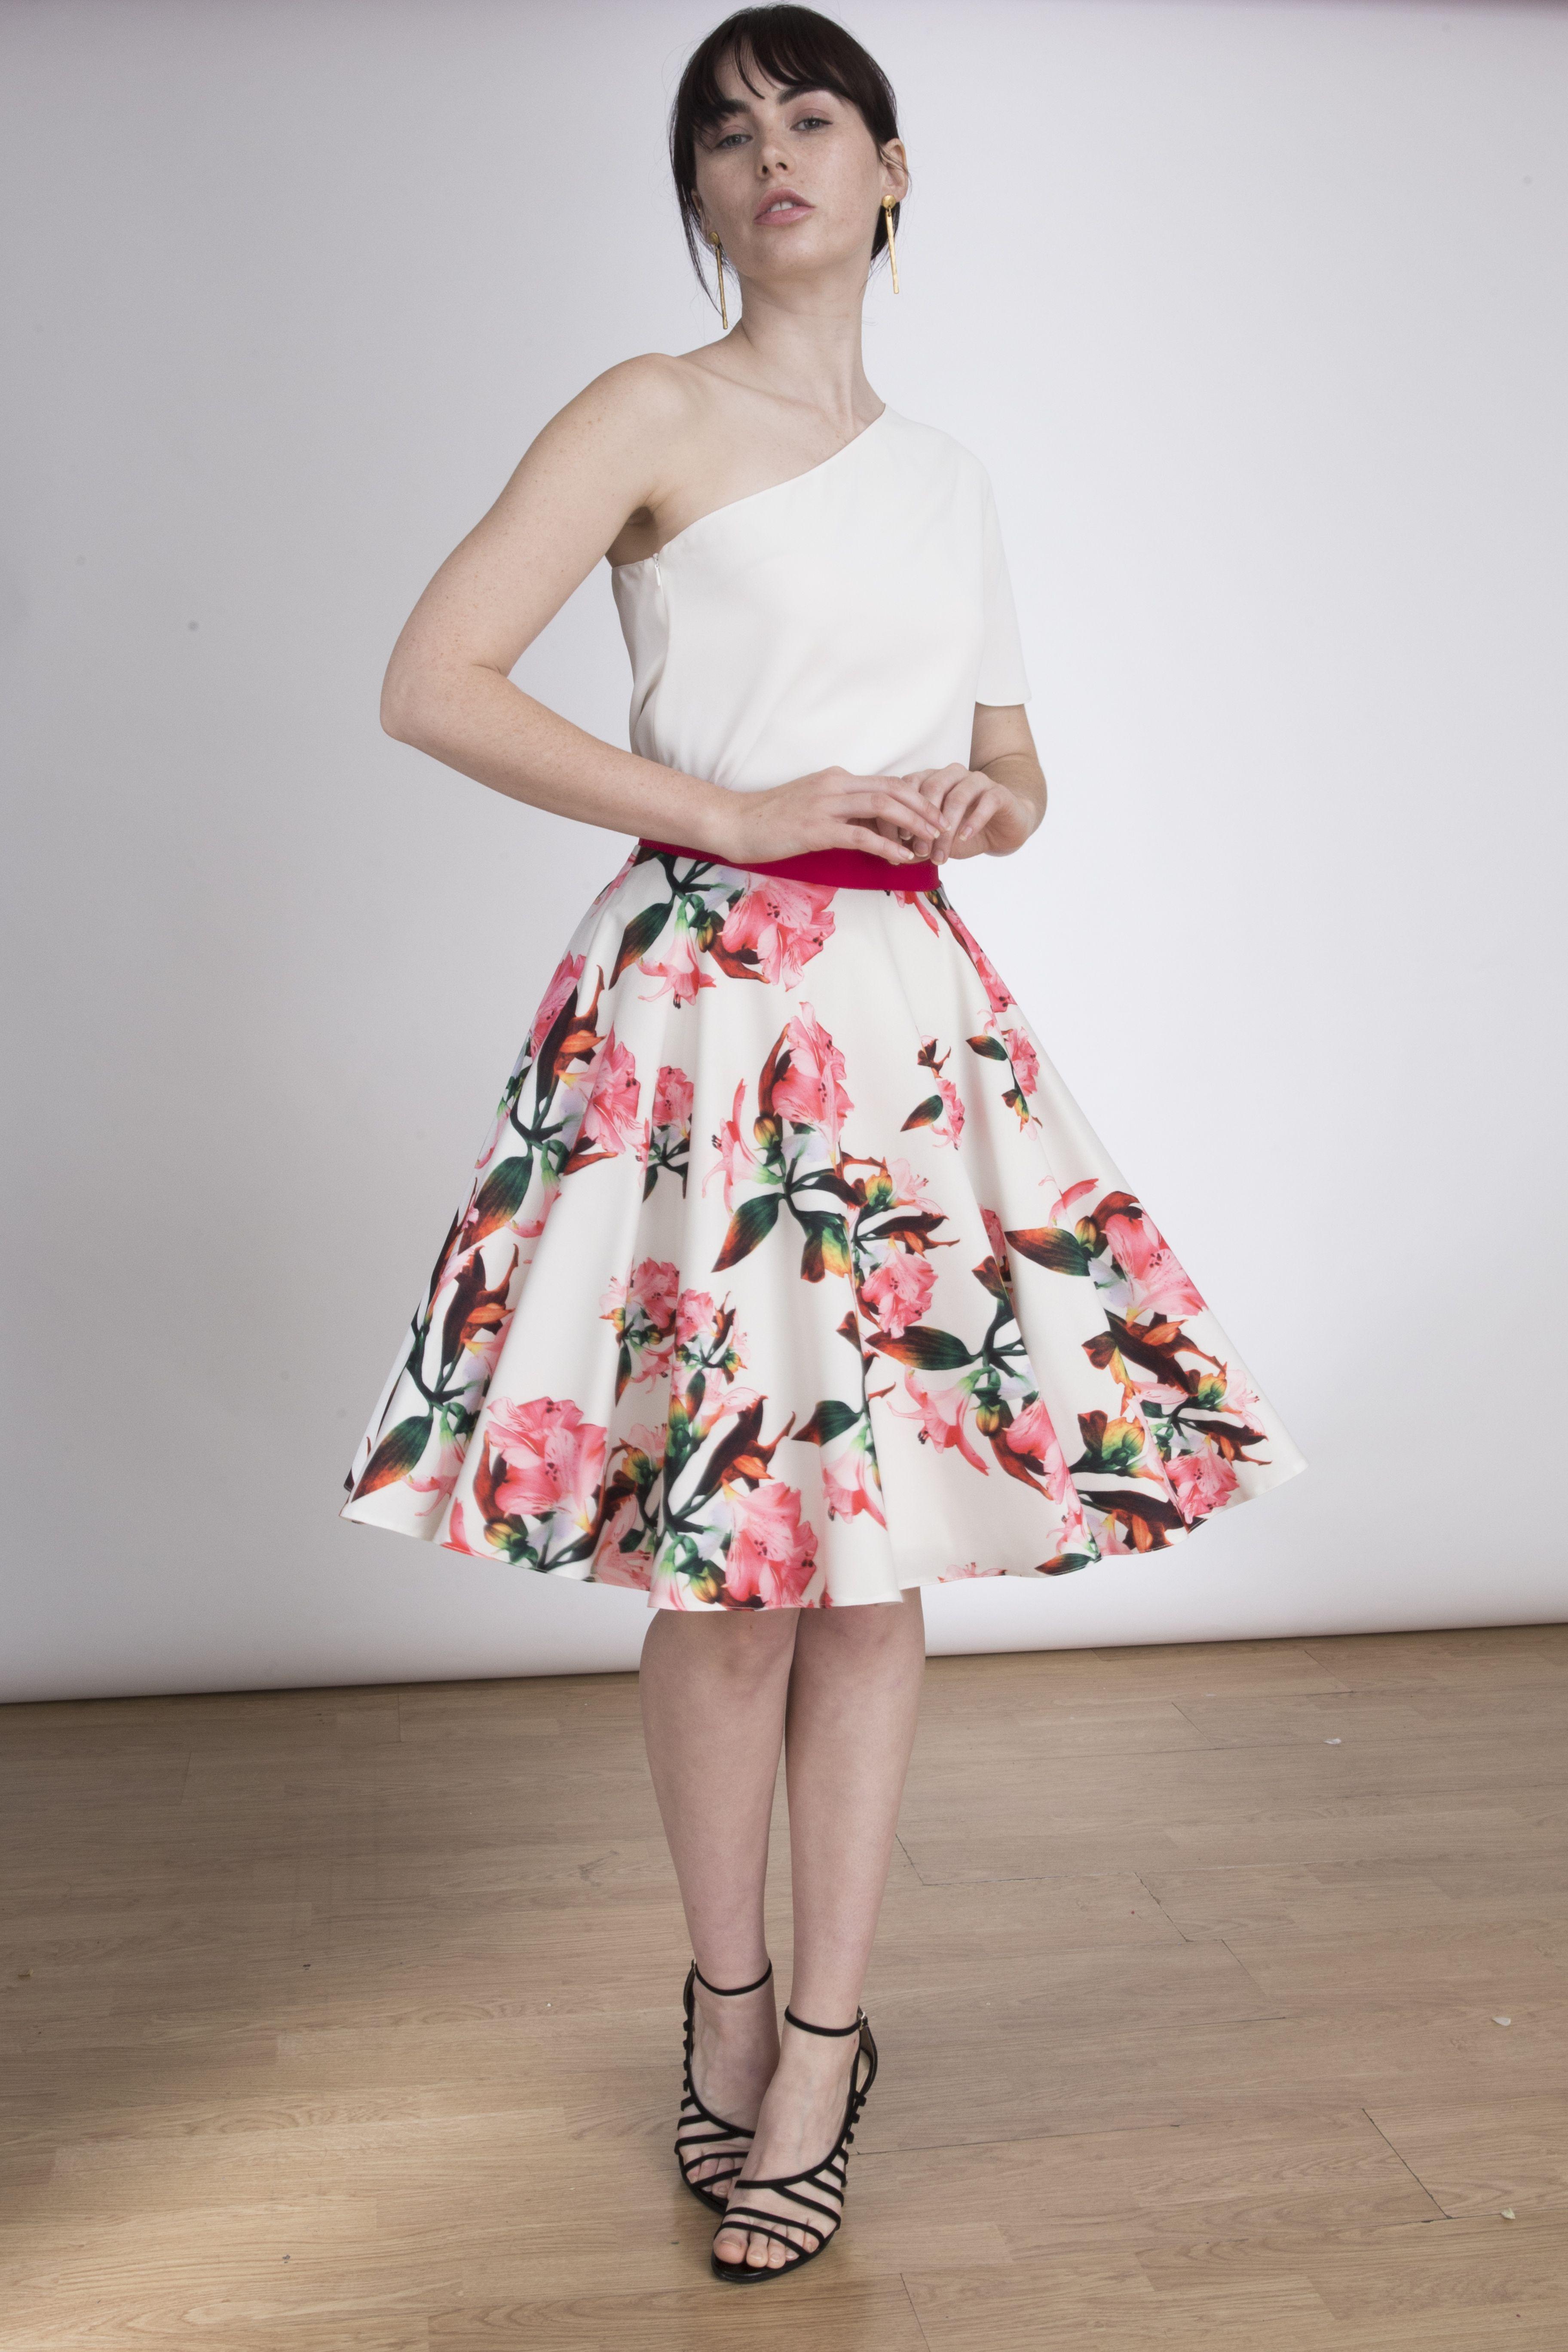 d8a07edf9 Falda con estampado floral por encima de la rodilla. La falda con vuelo  Kate está